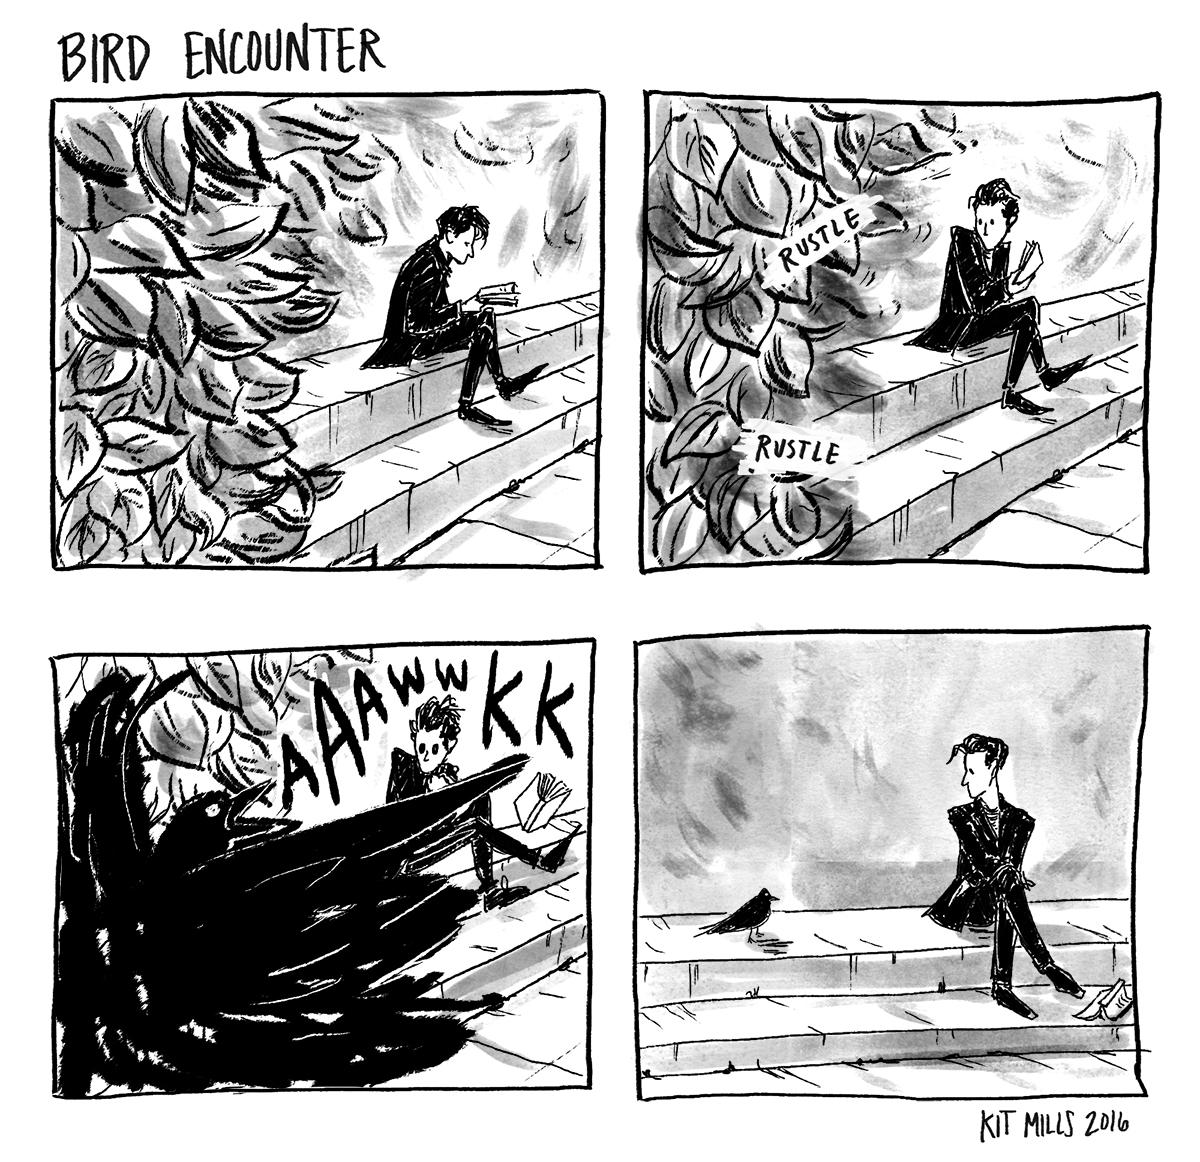 bird encounter